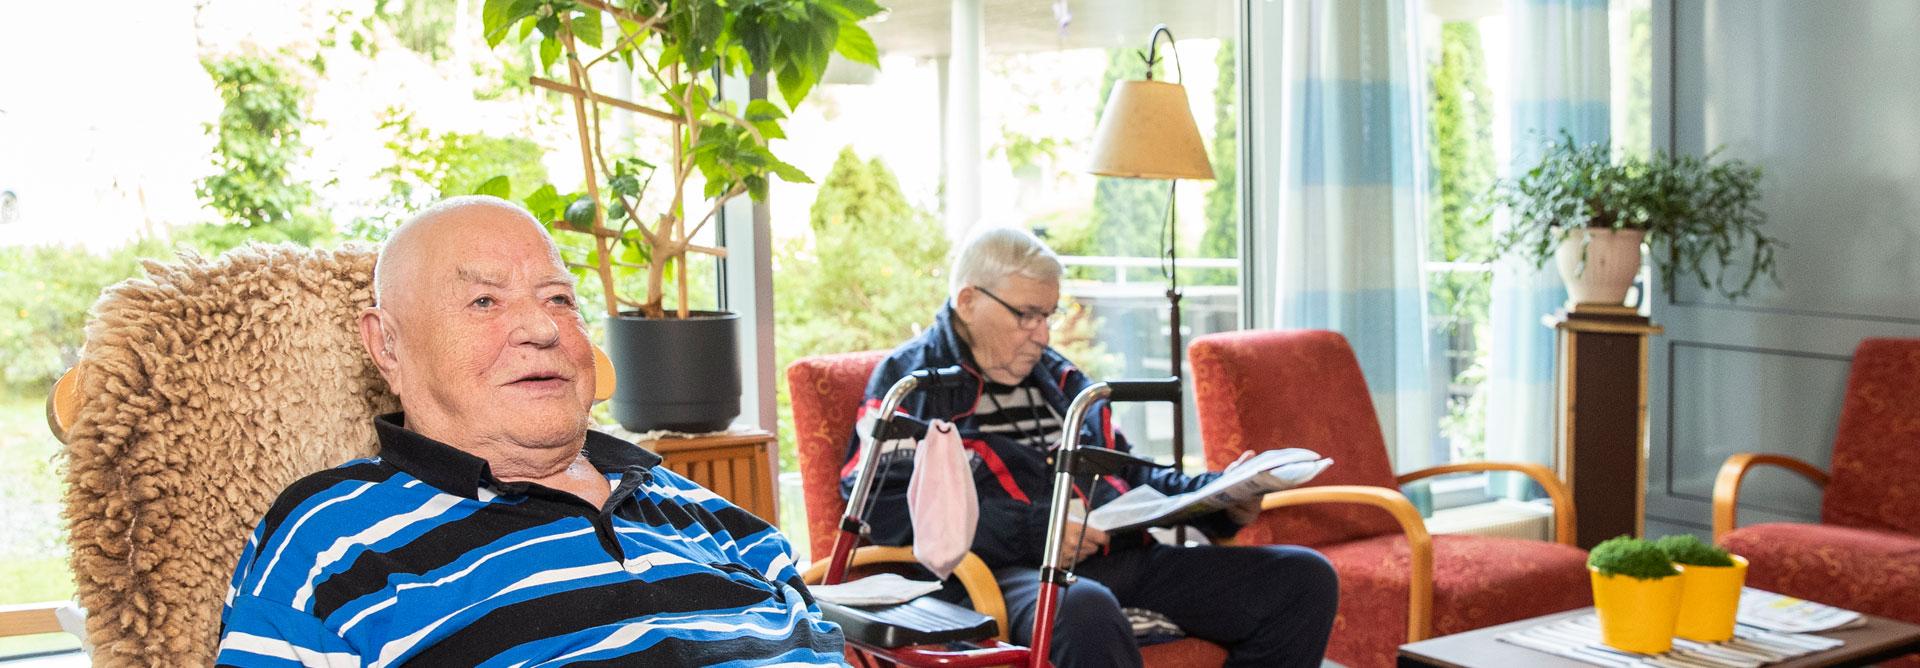 Naantalin palvelutalon kaksi asukasta istuvat aulassa